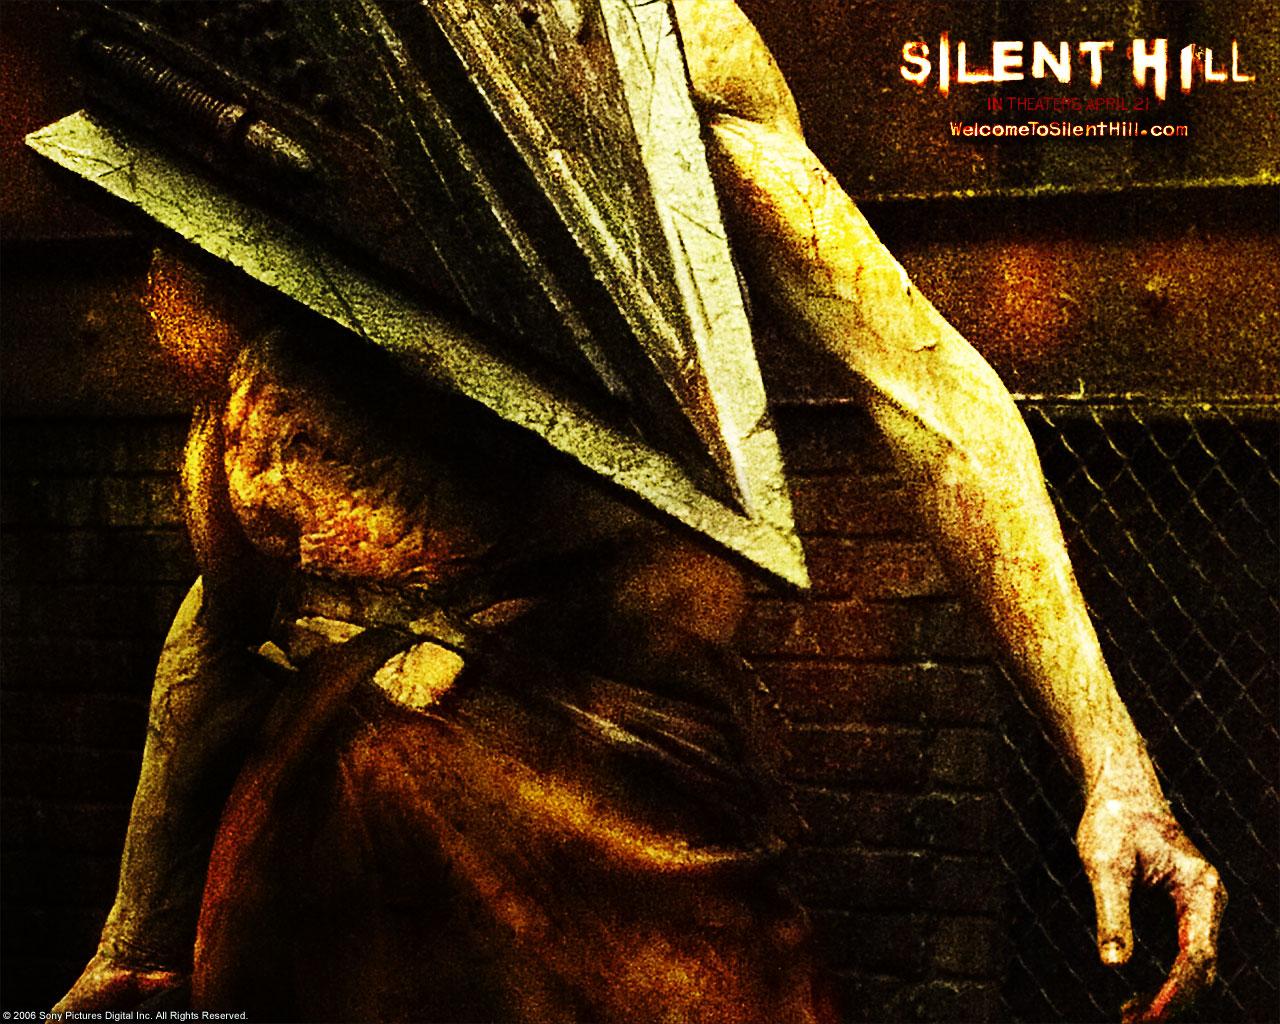 http://1.bp.blogspot.com/_KmAY167vRJ4/TIoMRdD_IPI/AAAAAAAAAqA/2G4A_ec7sUM/s1600/Silent_Hill_Wallpaper_10.jpg